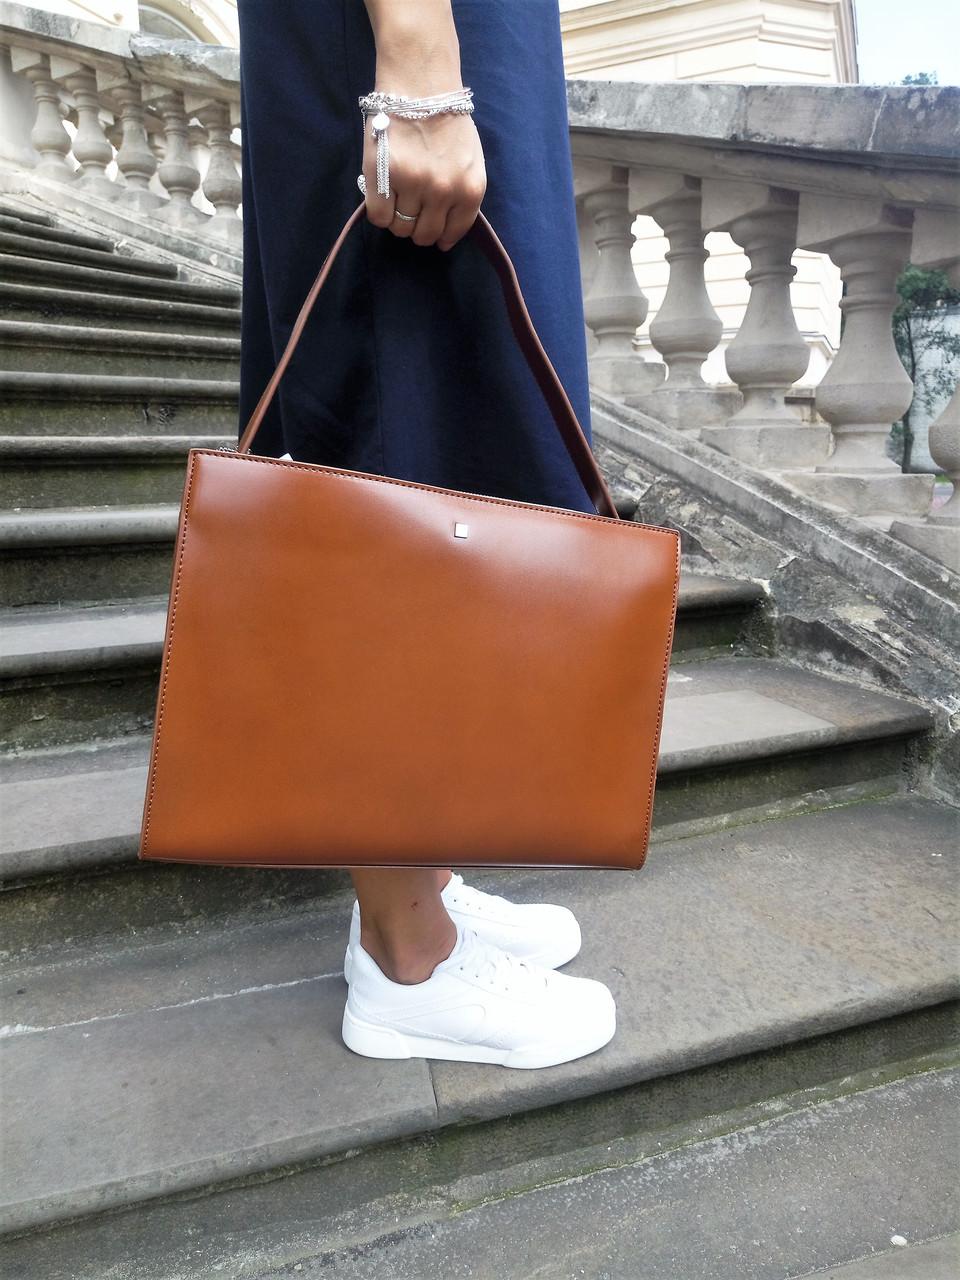 ... Женская сумка европейского бренда Reserved коричневого цвета  лимитированная коллекция экокожа c24974383e10c